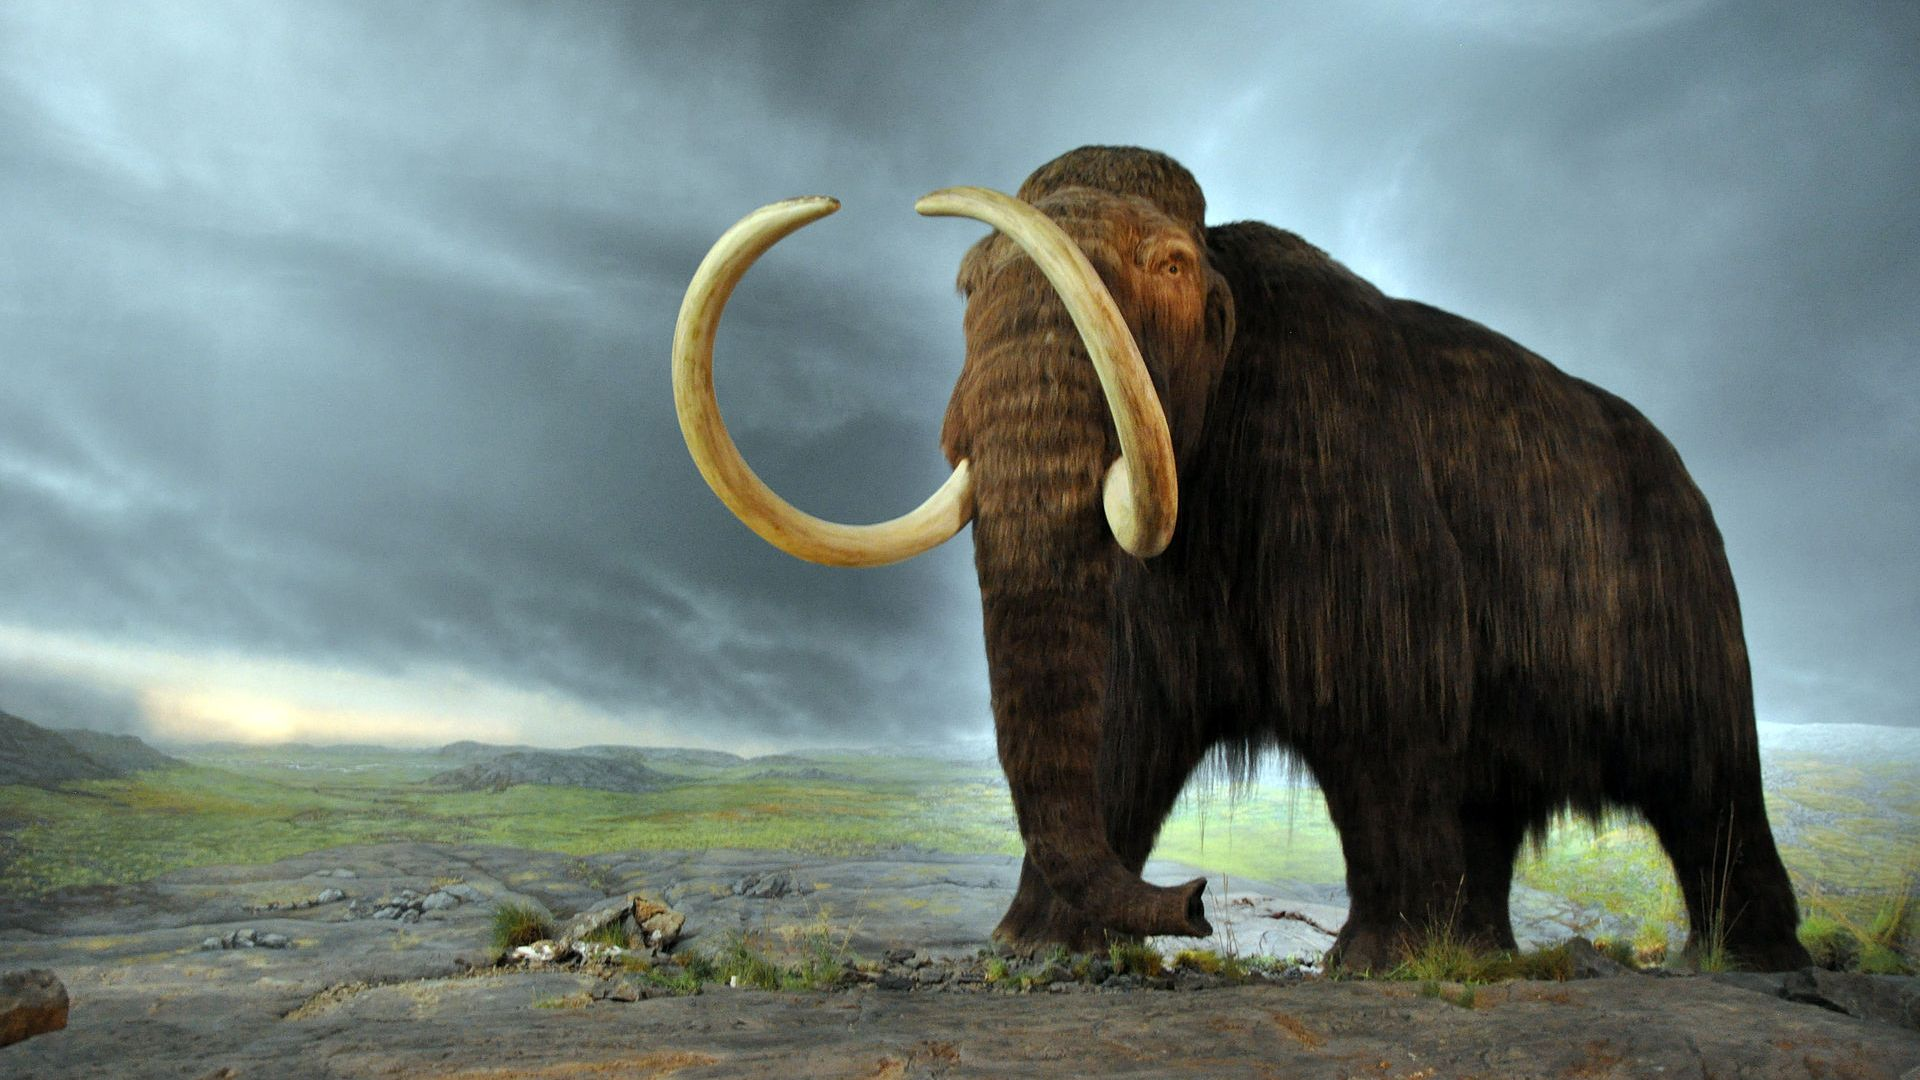 Учени извлякоха най-старата ДНК от зъби на сибирски мамут